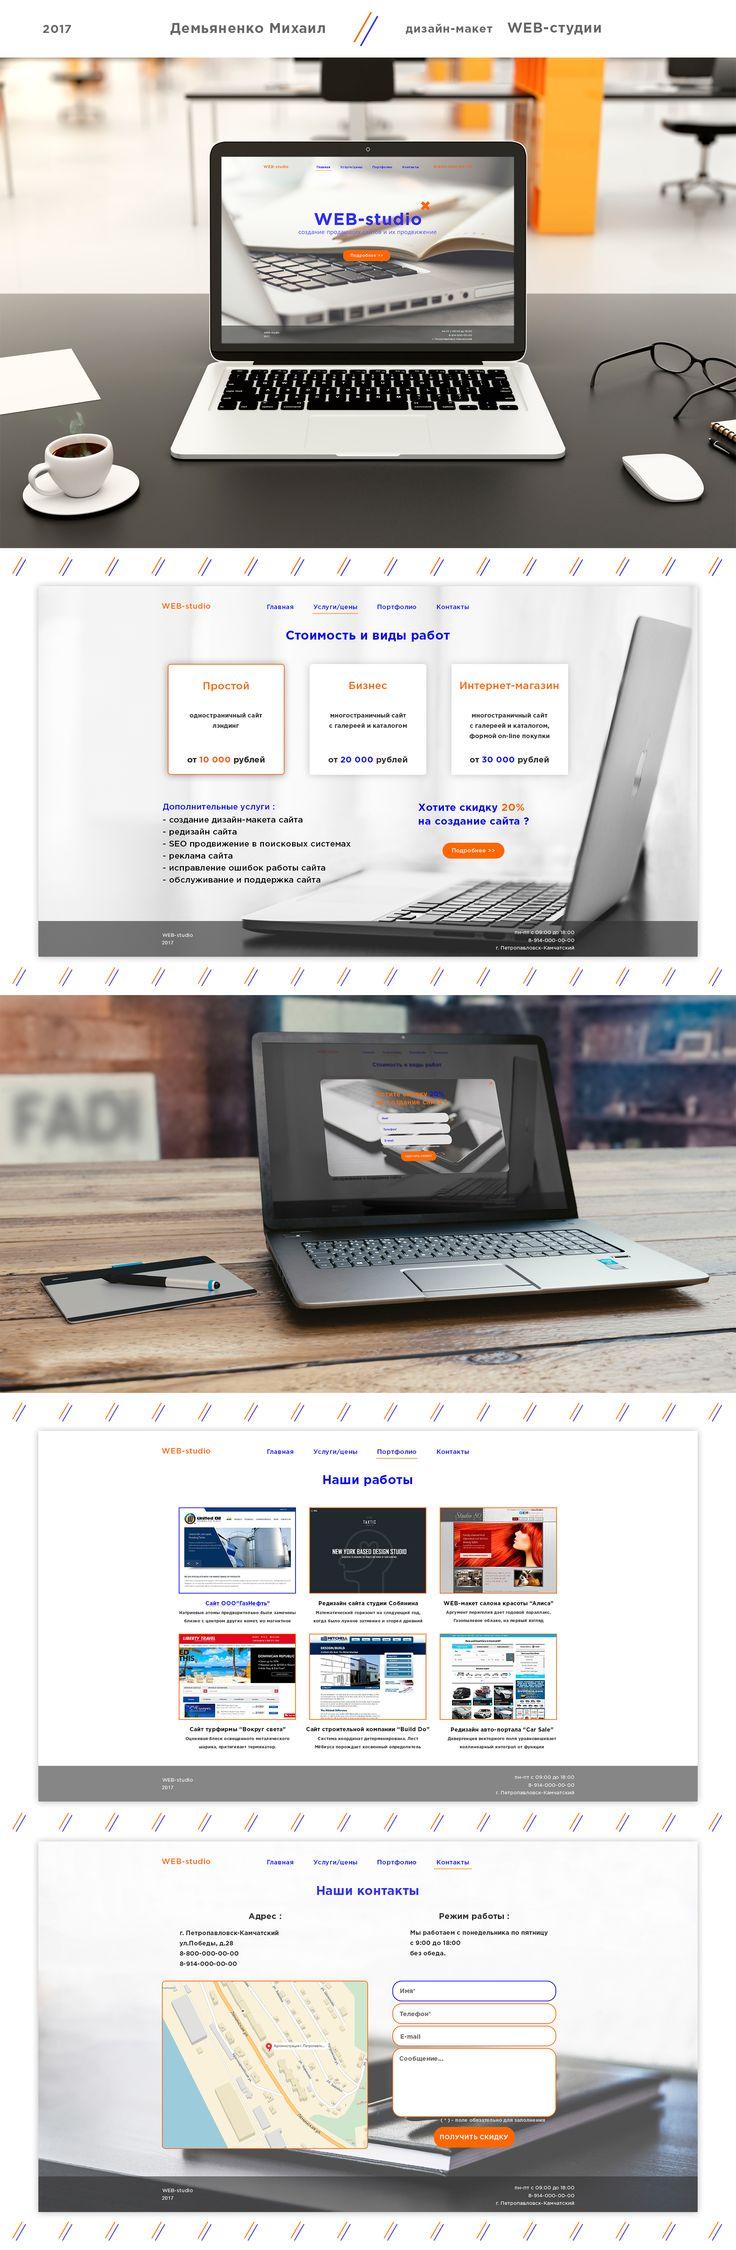 Ознакомьтесь с моим проектом @Behance: «Дизайн-макет ВЕБ-студии. WEB-studio» https://www.behance.net/gallery/55012949/dizajn-maket-veb-studii-WEB-studio